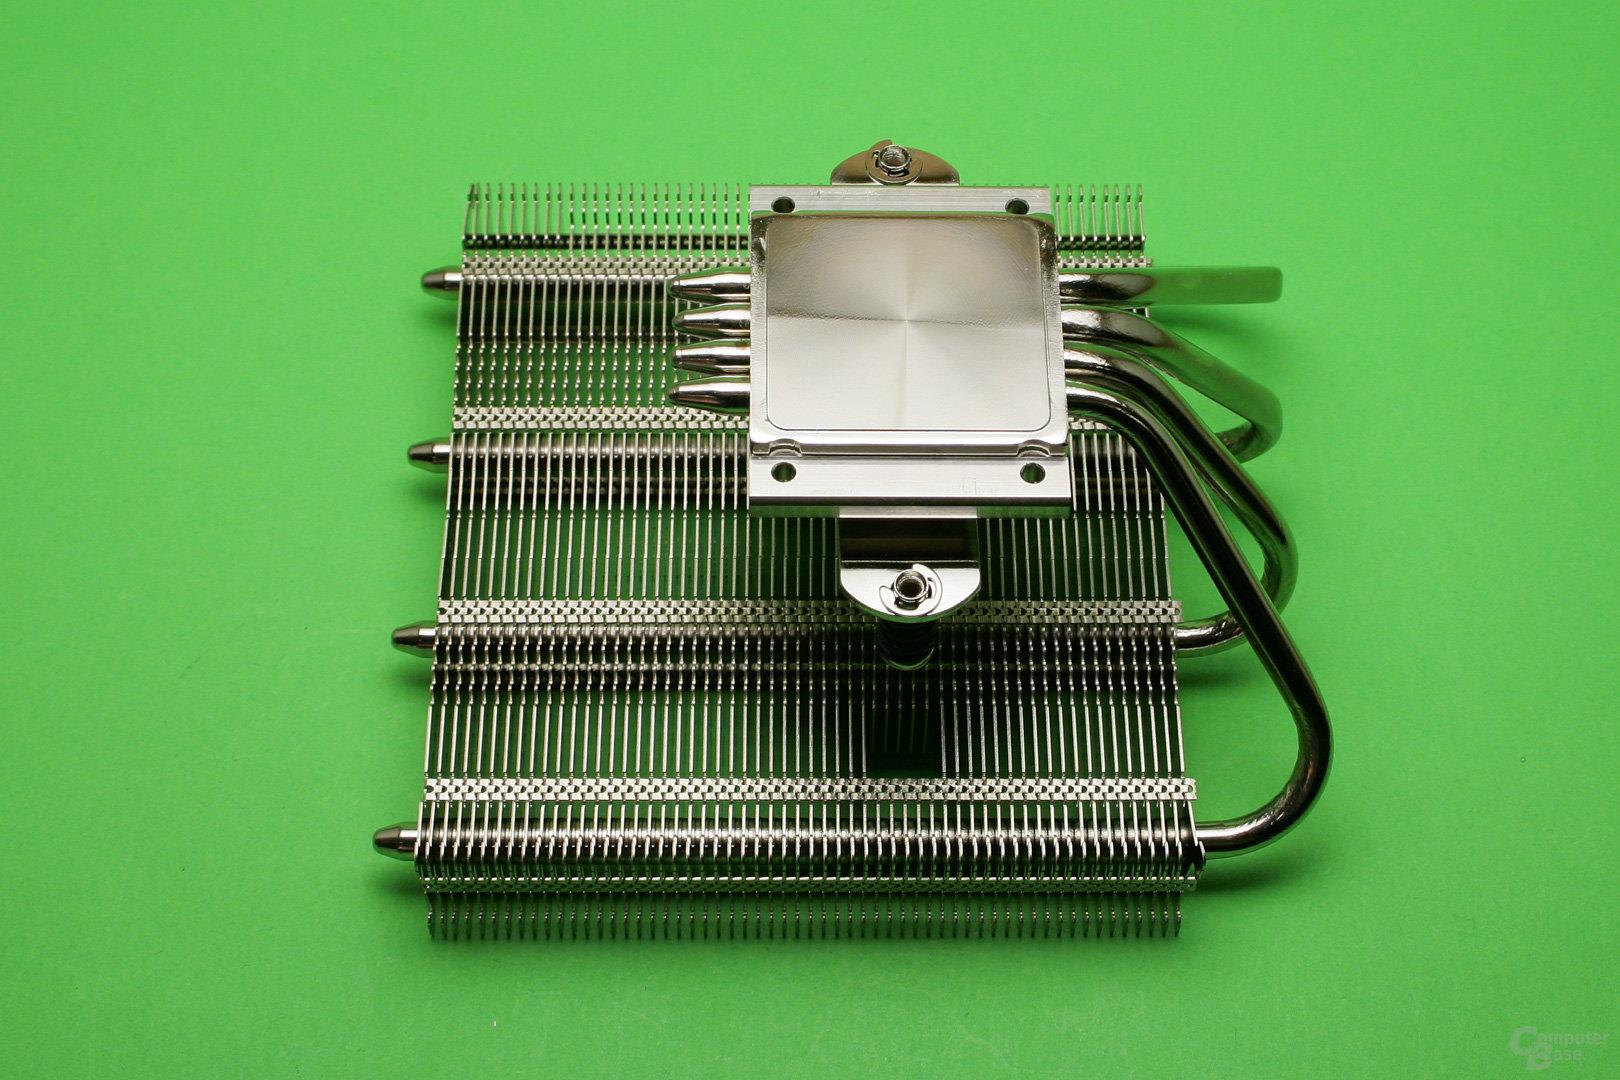 Noctua NH-L12S: Vernickelte Kupferbodenplatte und vier Heatpipes